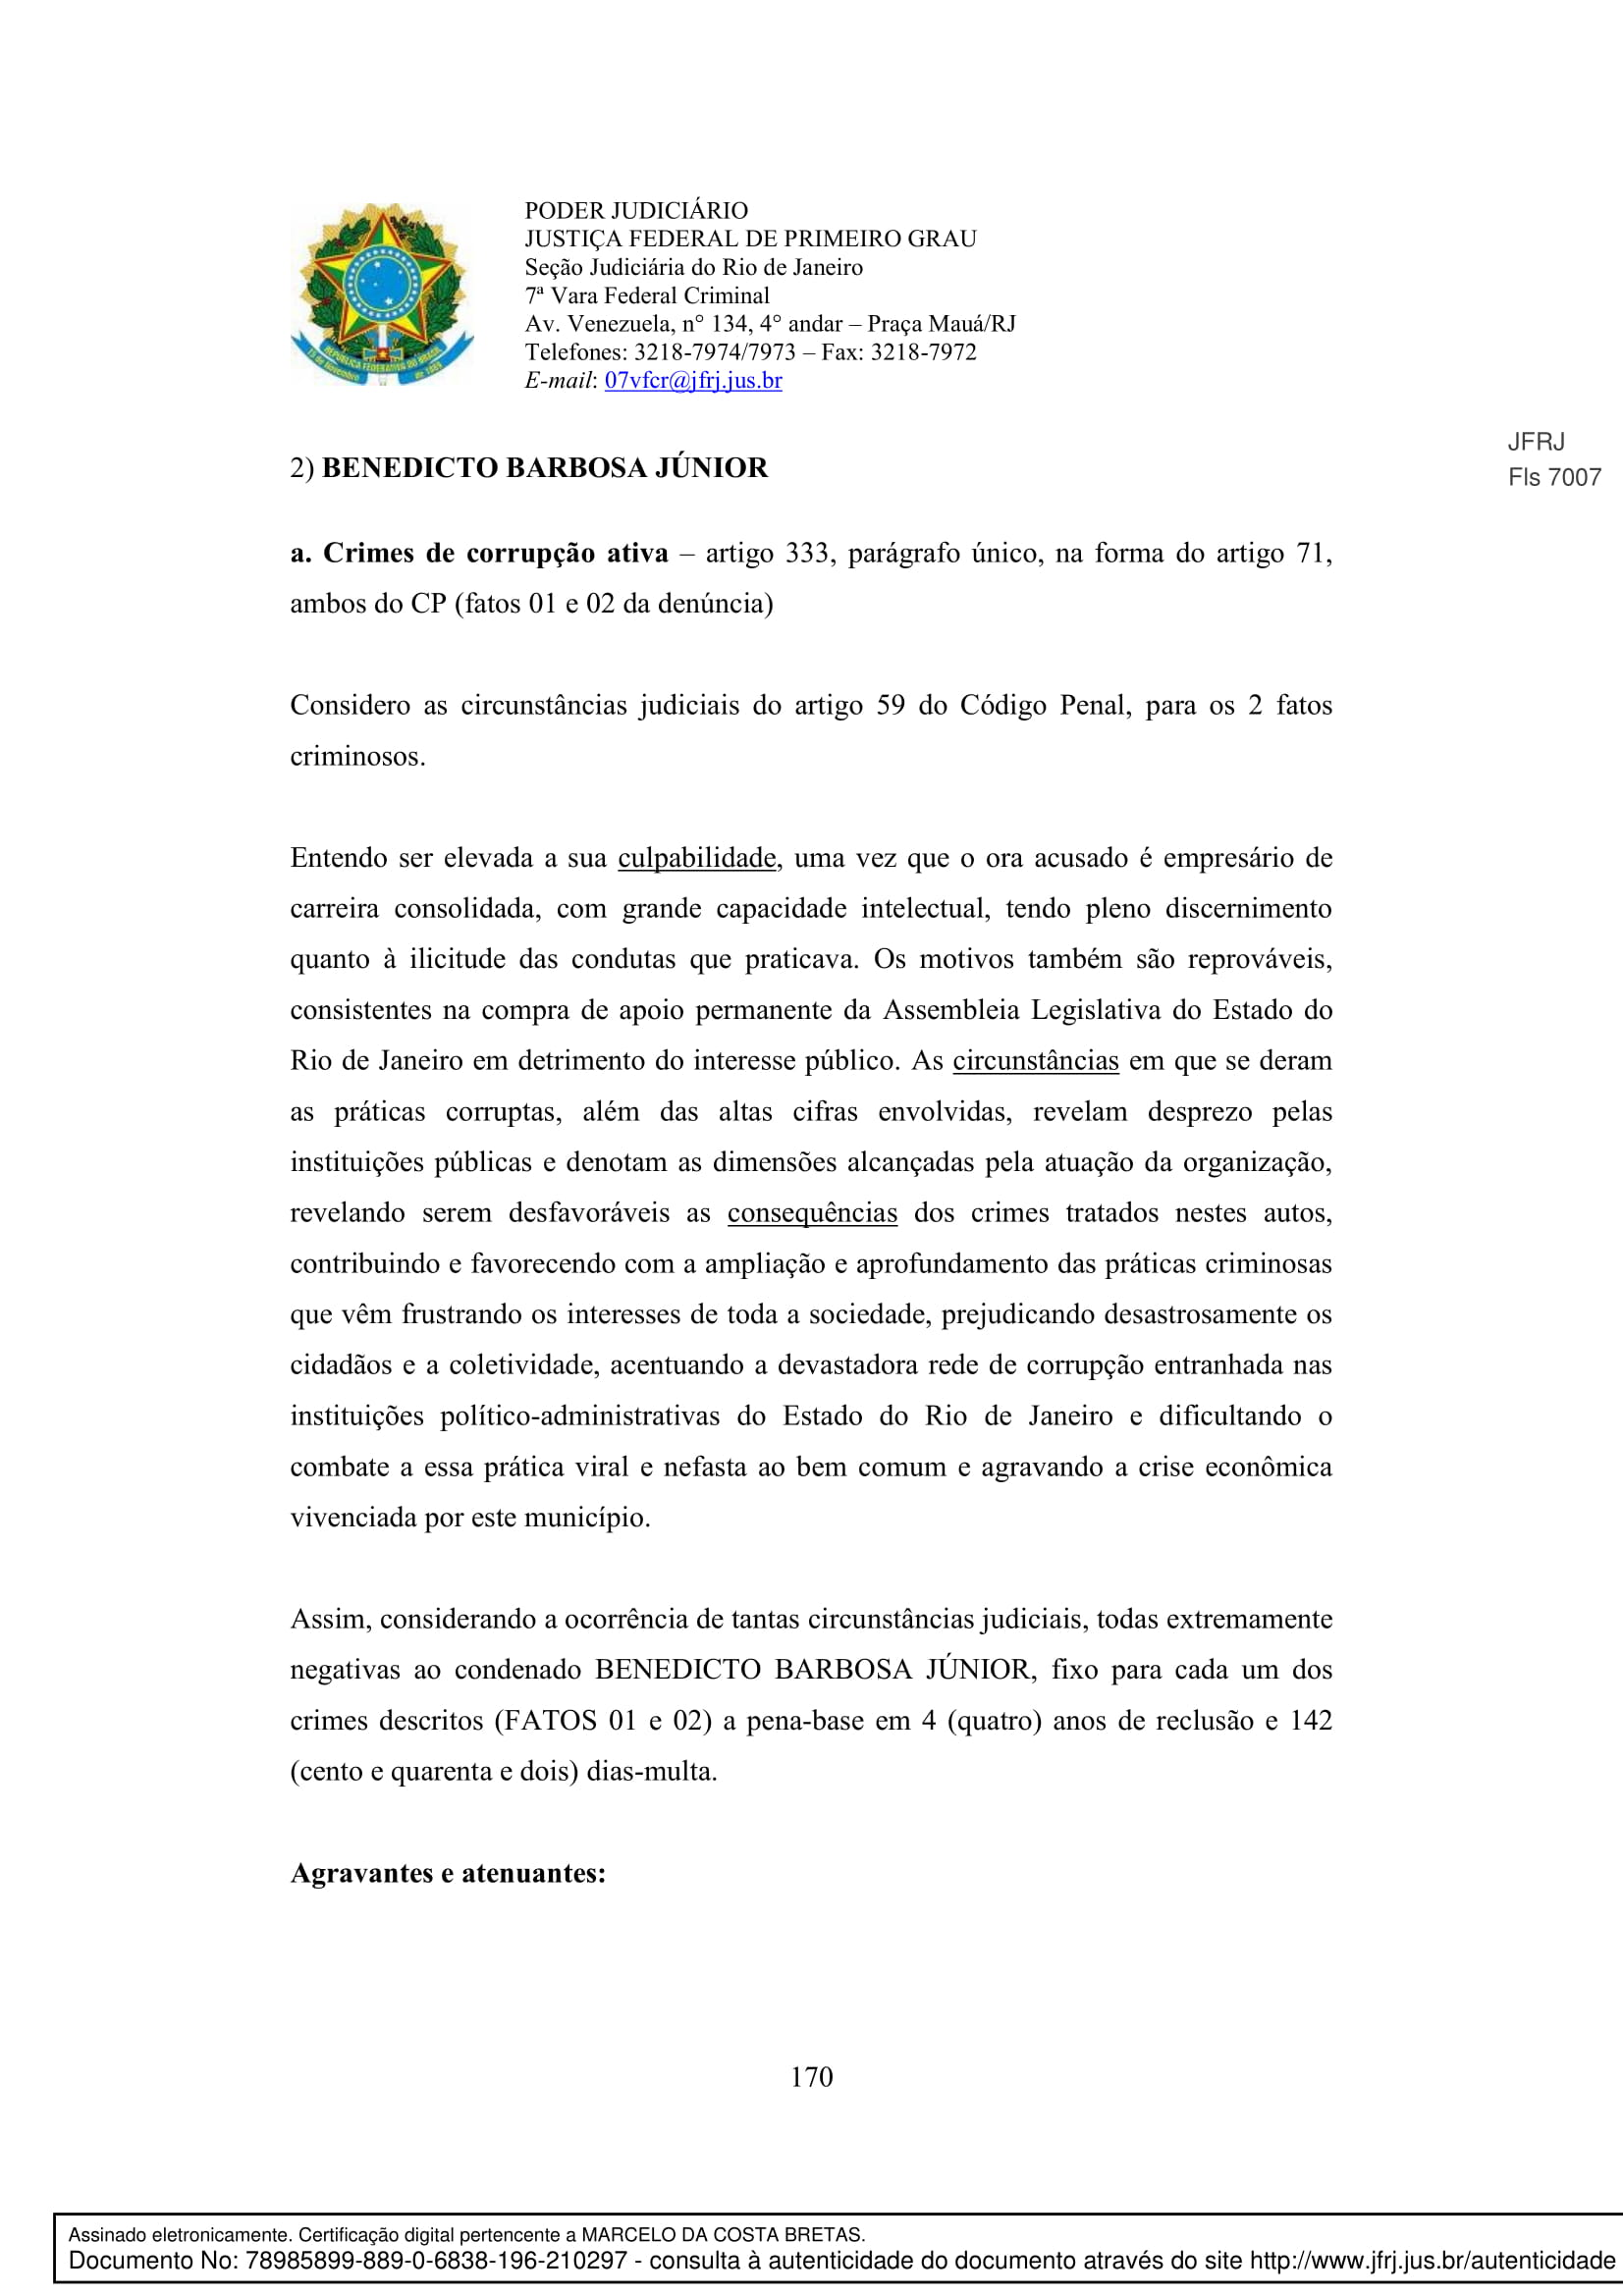 Sentenca-Cadeia-Velha-7VFC-170